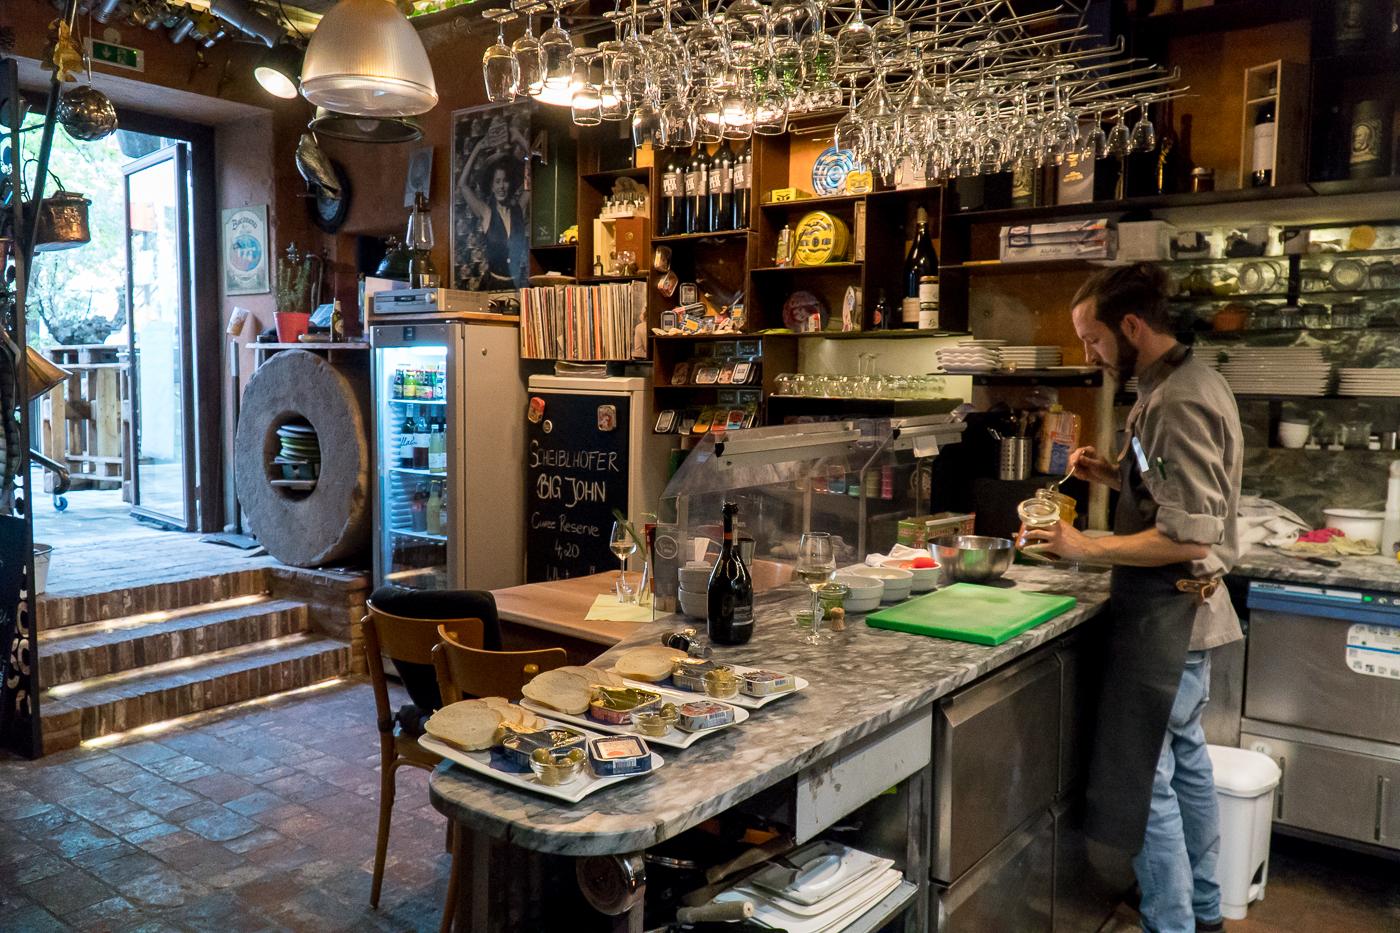 Cuisine et salle à manger du Beef Bar de Frohnleiten